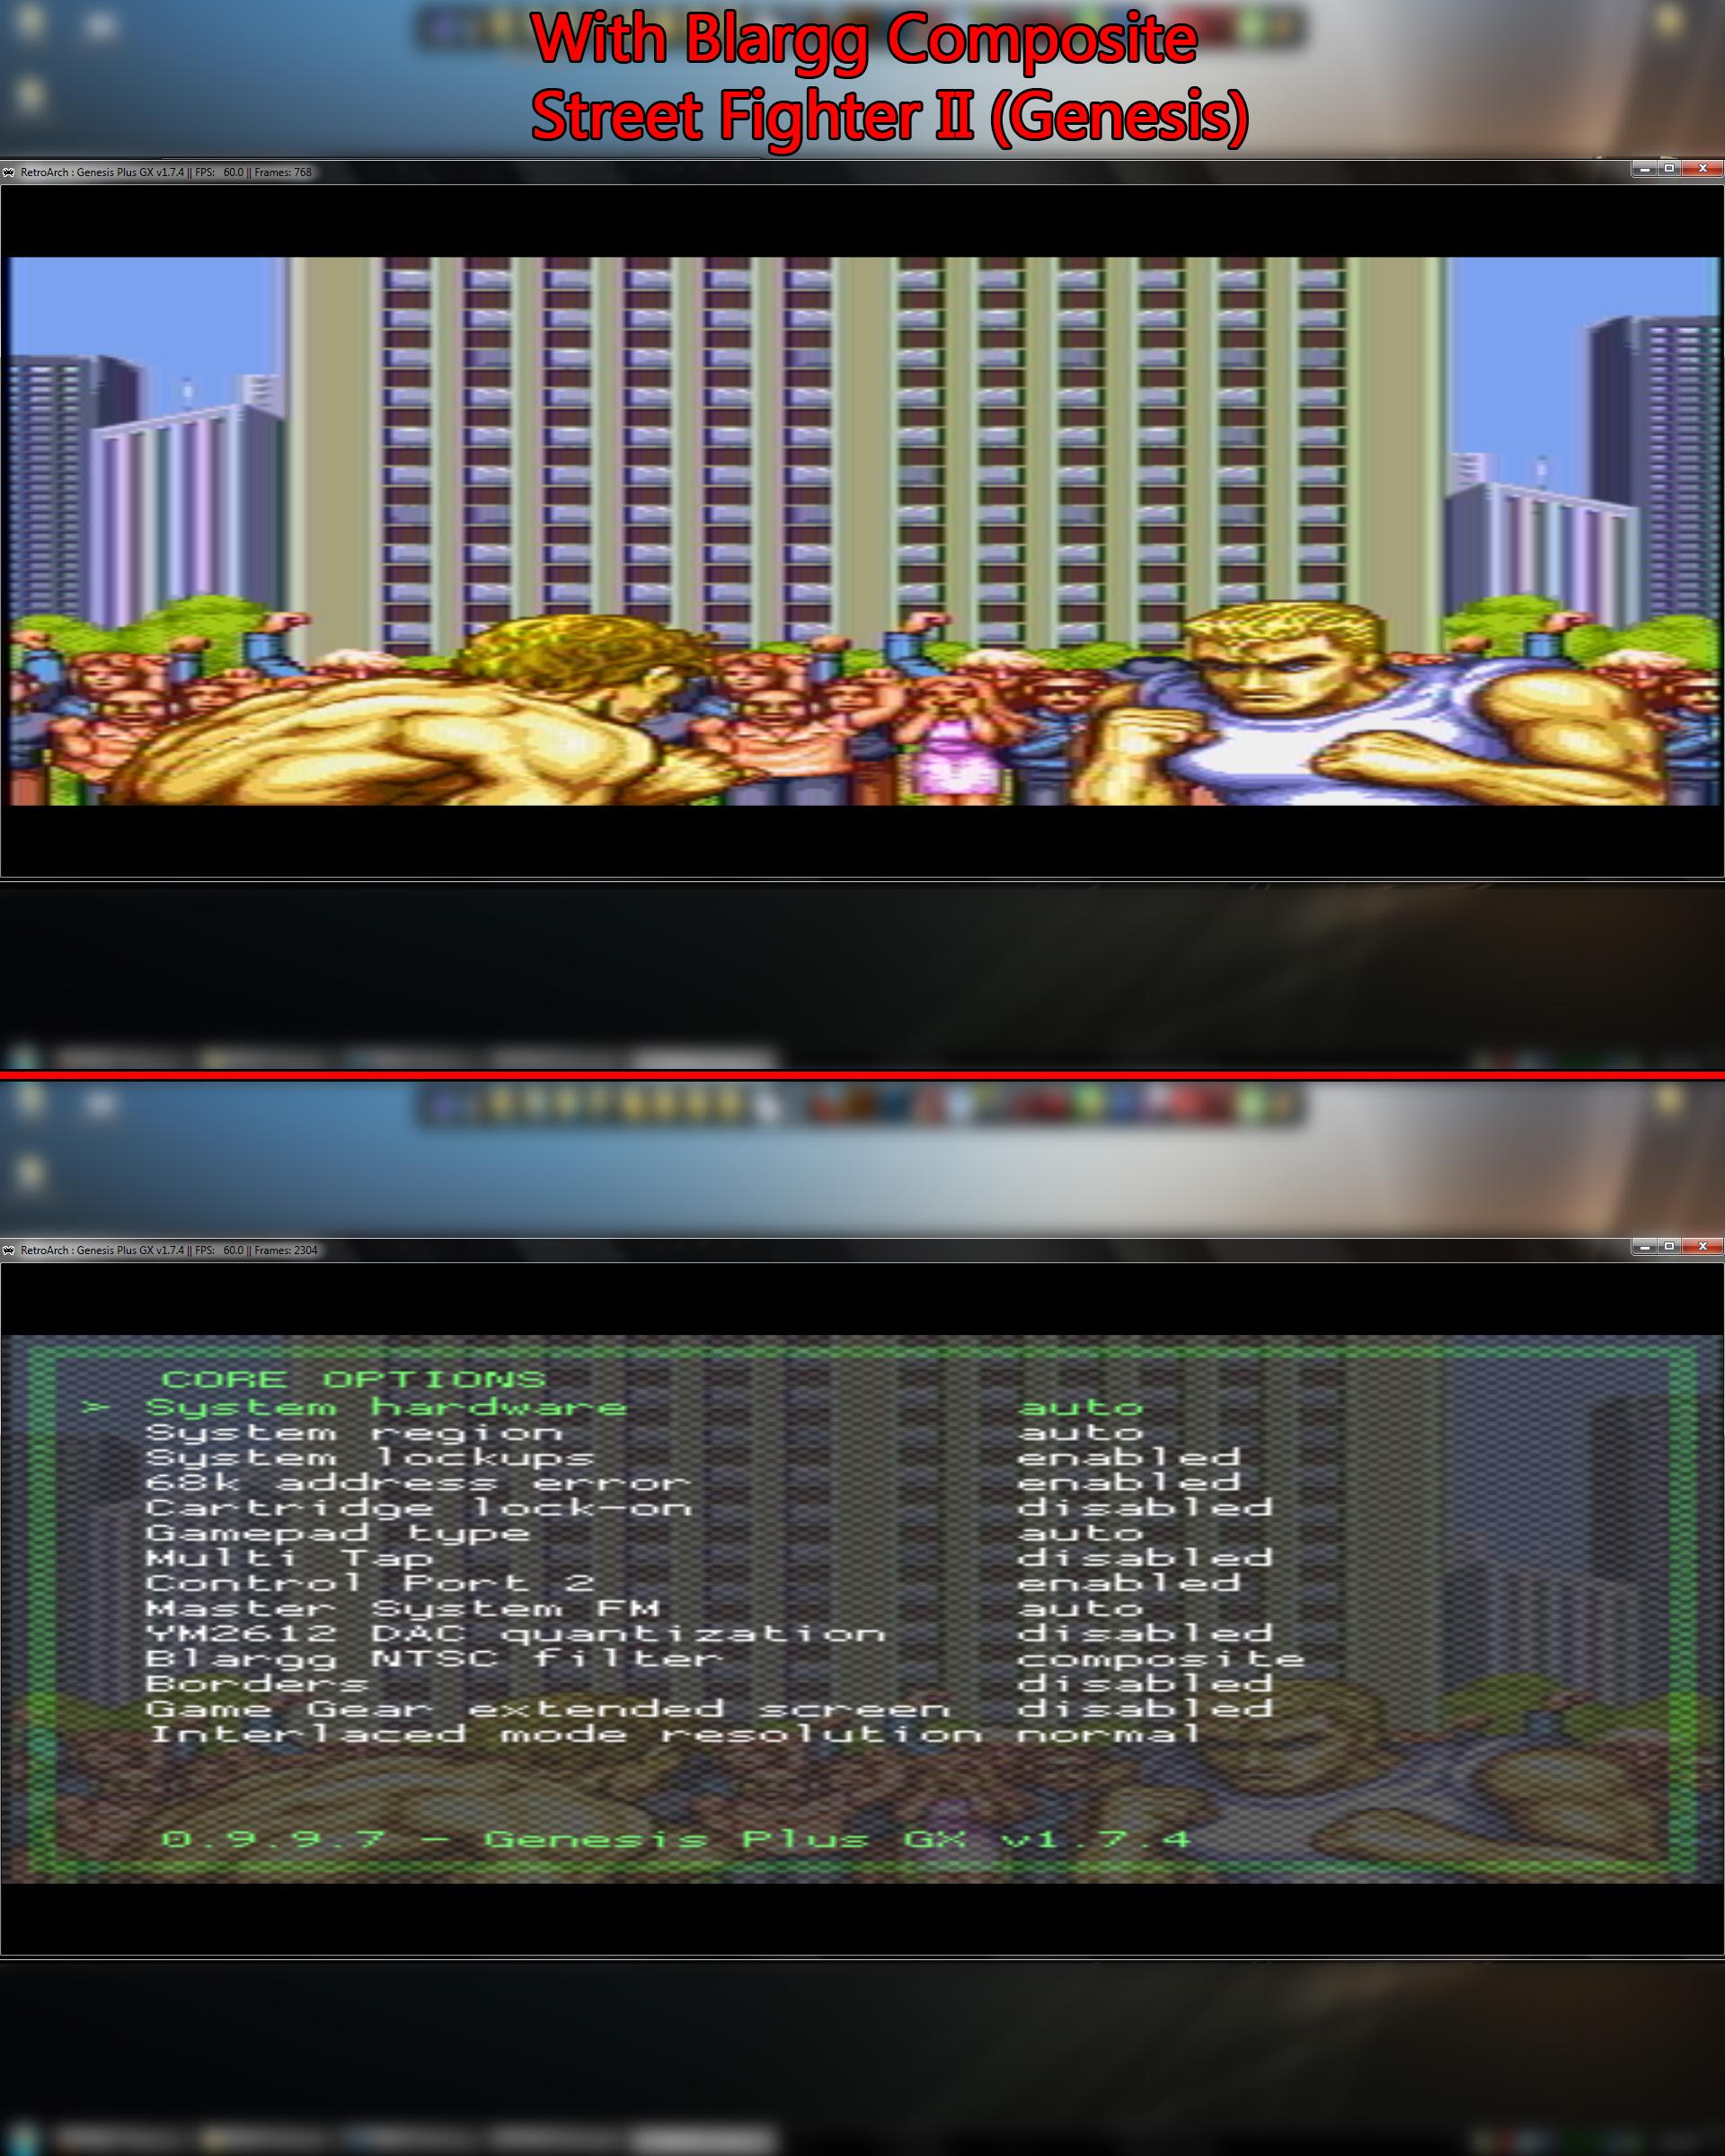 genesis plus gx windows